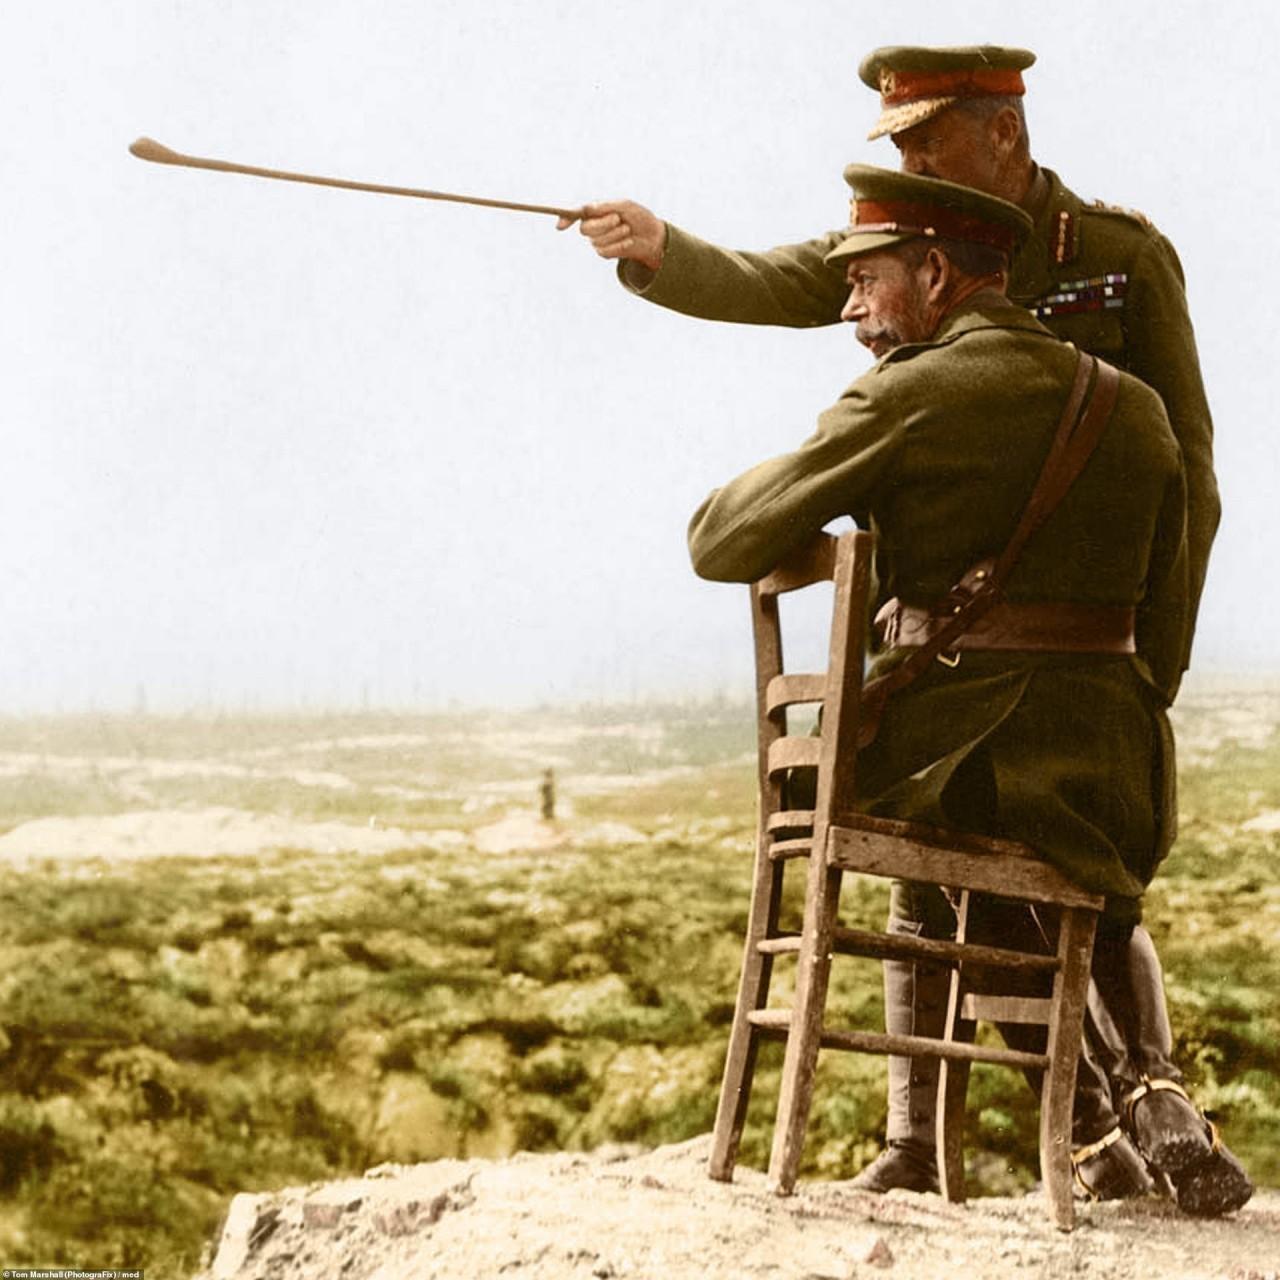 Король Джордж V рядом с командующим армией. После сражения за Тиепваль, Франция, 1916 г. архивное фото, колоризация, колоризация фотографий, колоризированные снимки, первая мировая, первая мировая война, фото войны